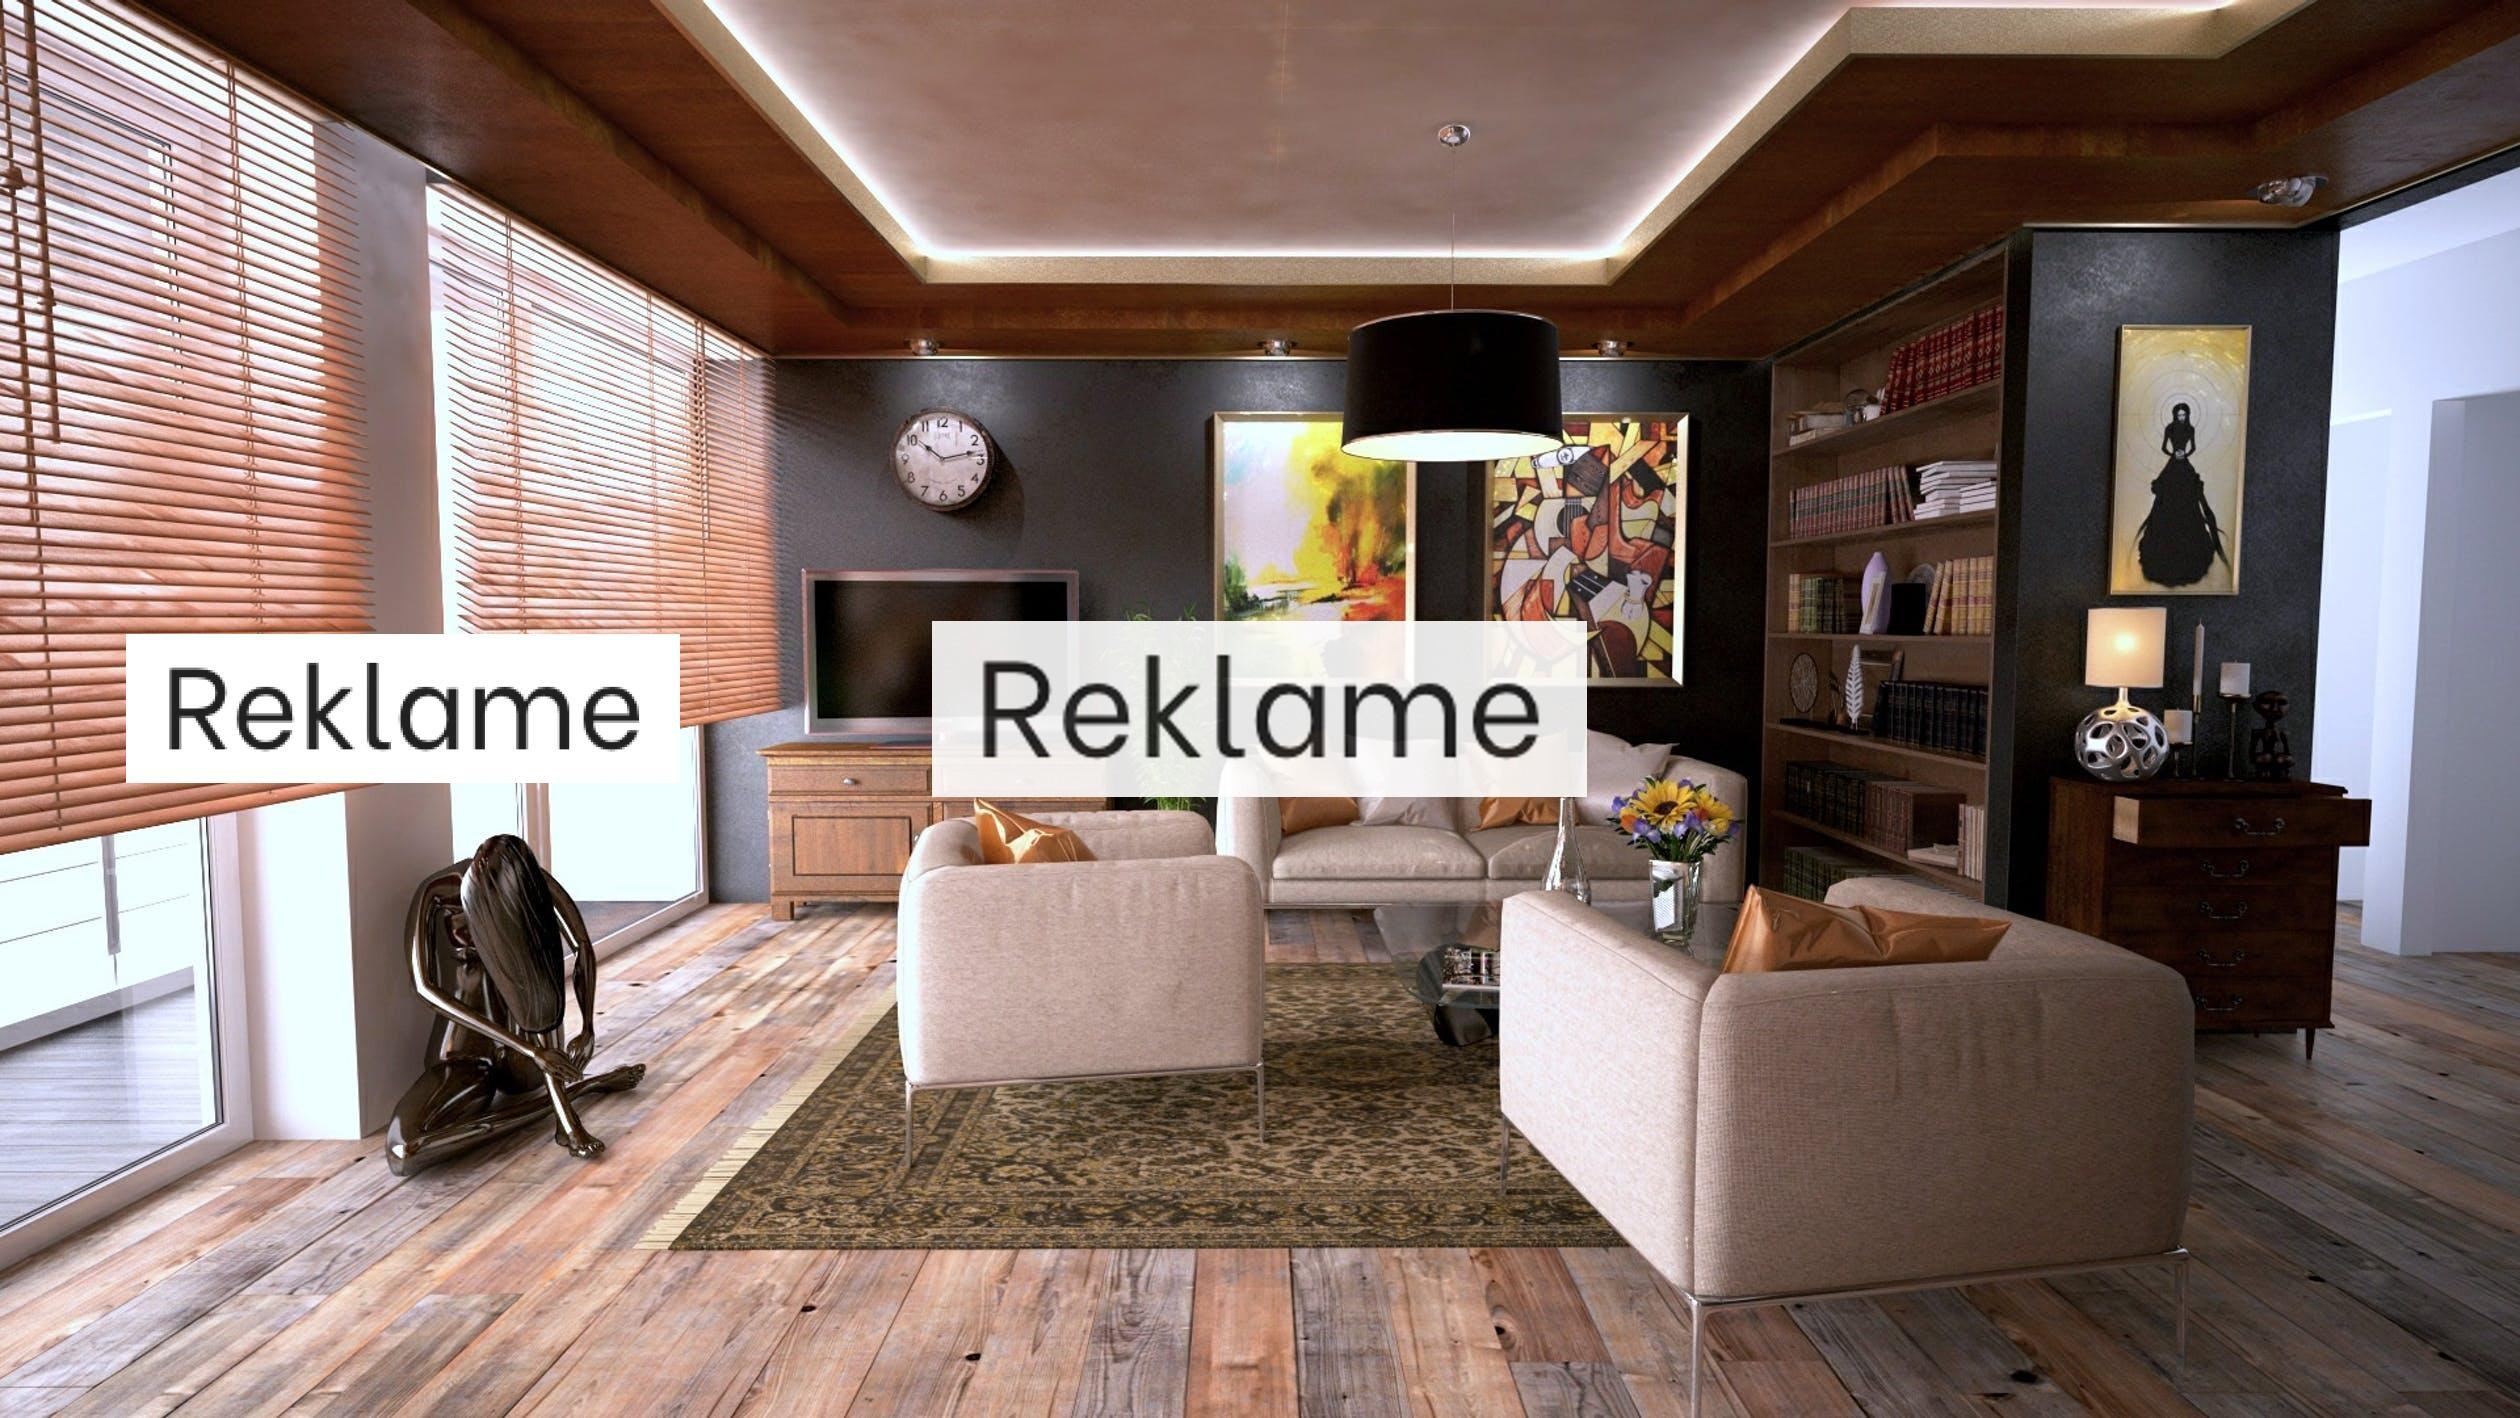 Hvordan får man et smart hjem?